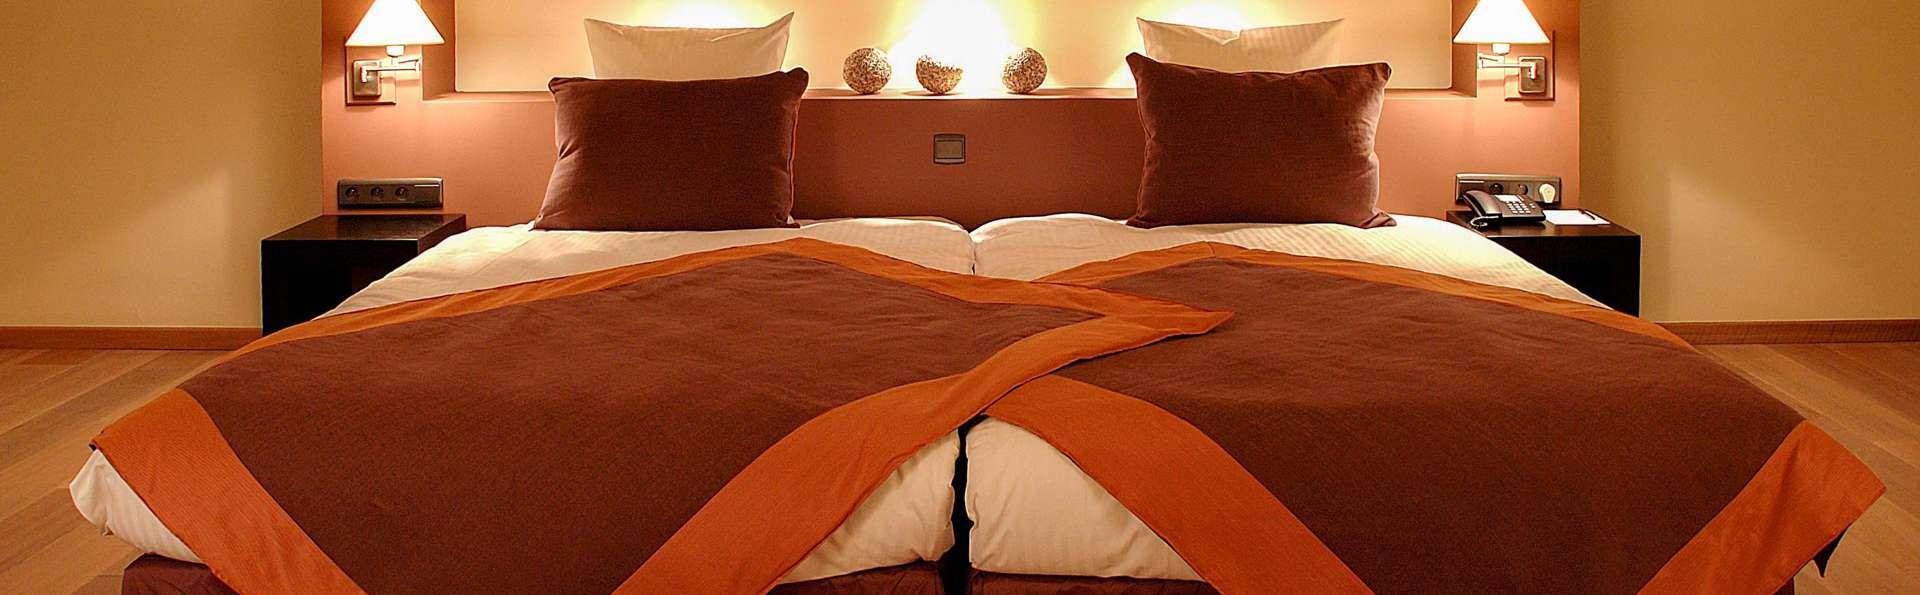 Van Eyck Hotel  - EDIT_N2_SUITE_01.jpg